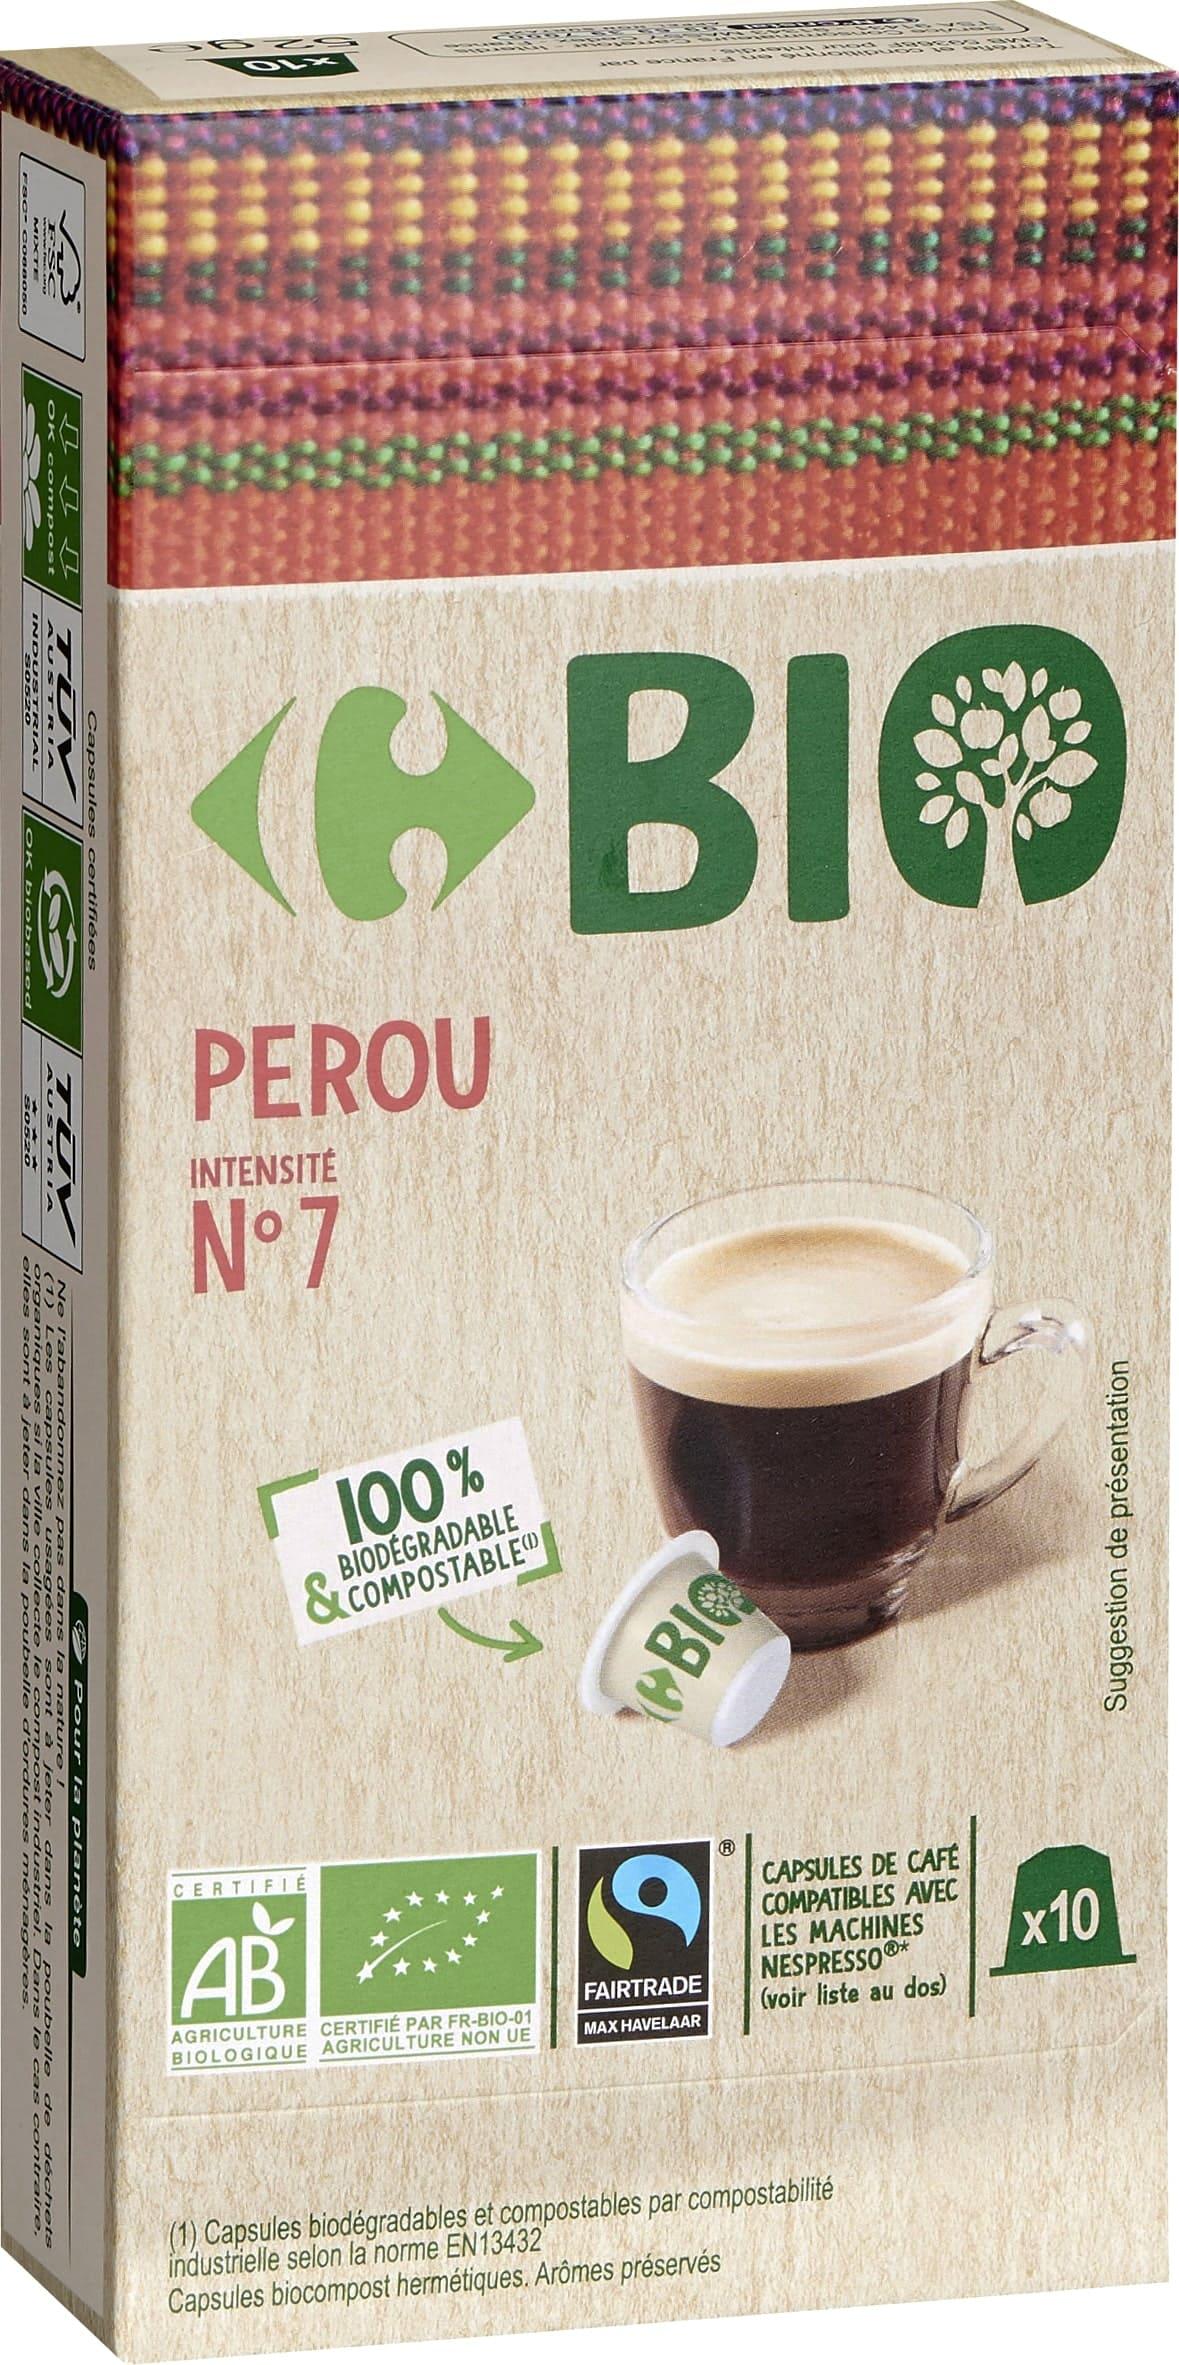 Capsules de cafe type nespresso compostable BIo degradable PEROU